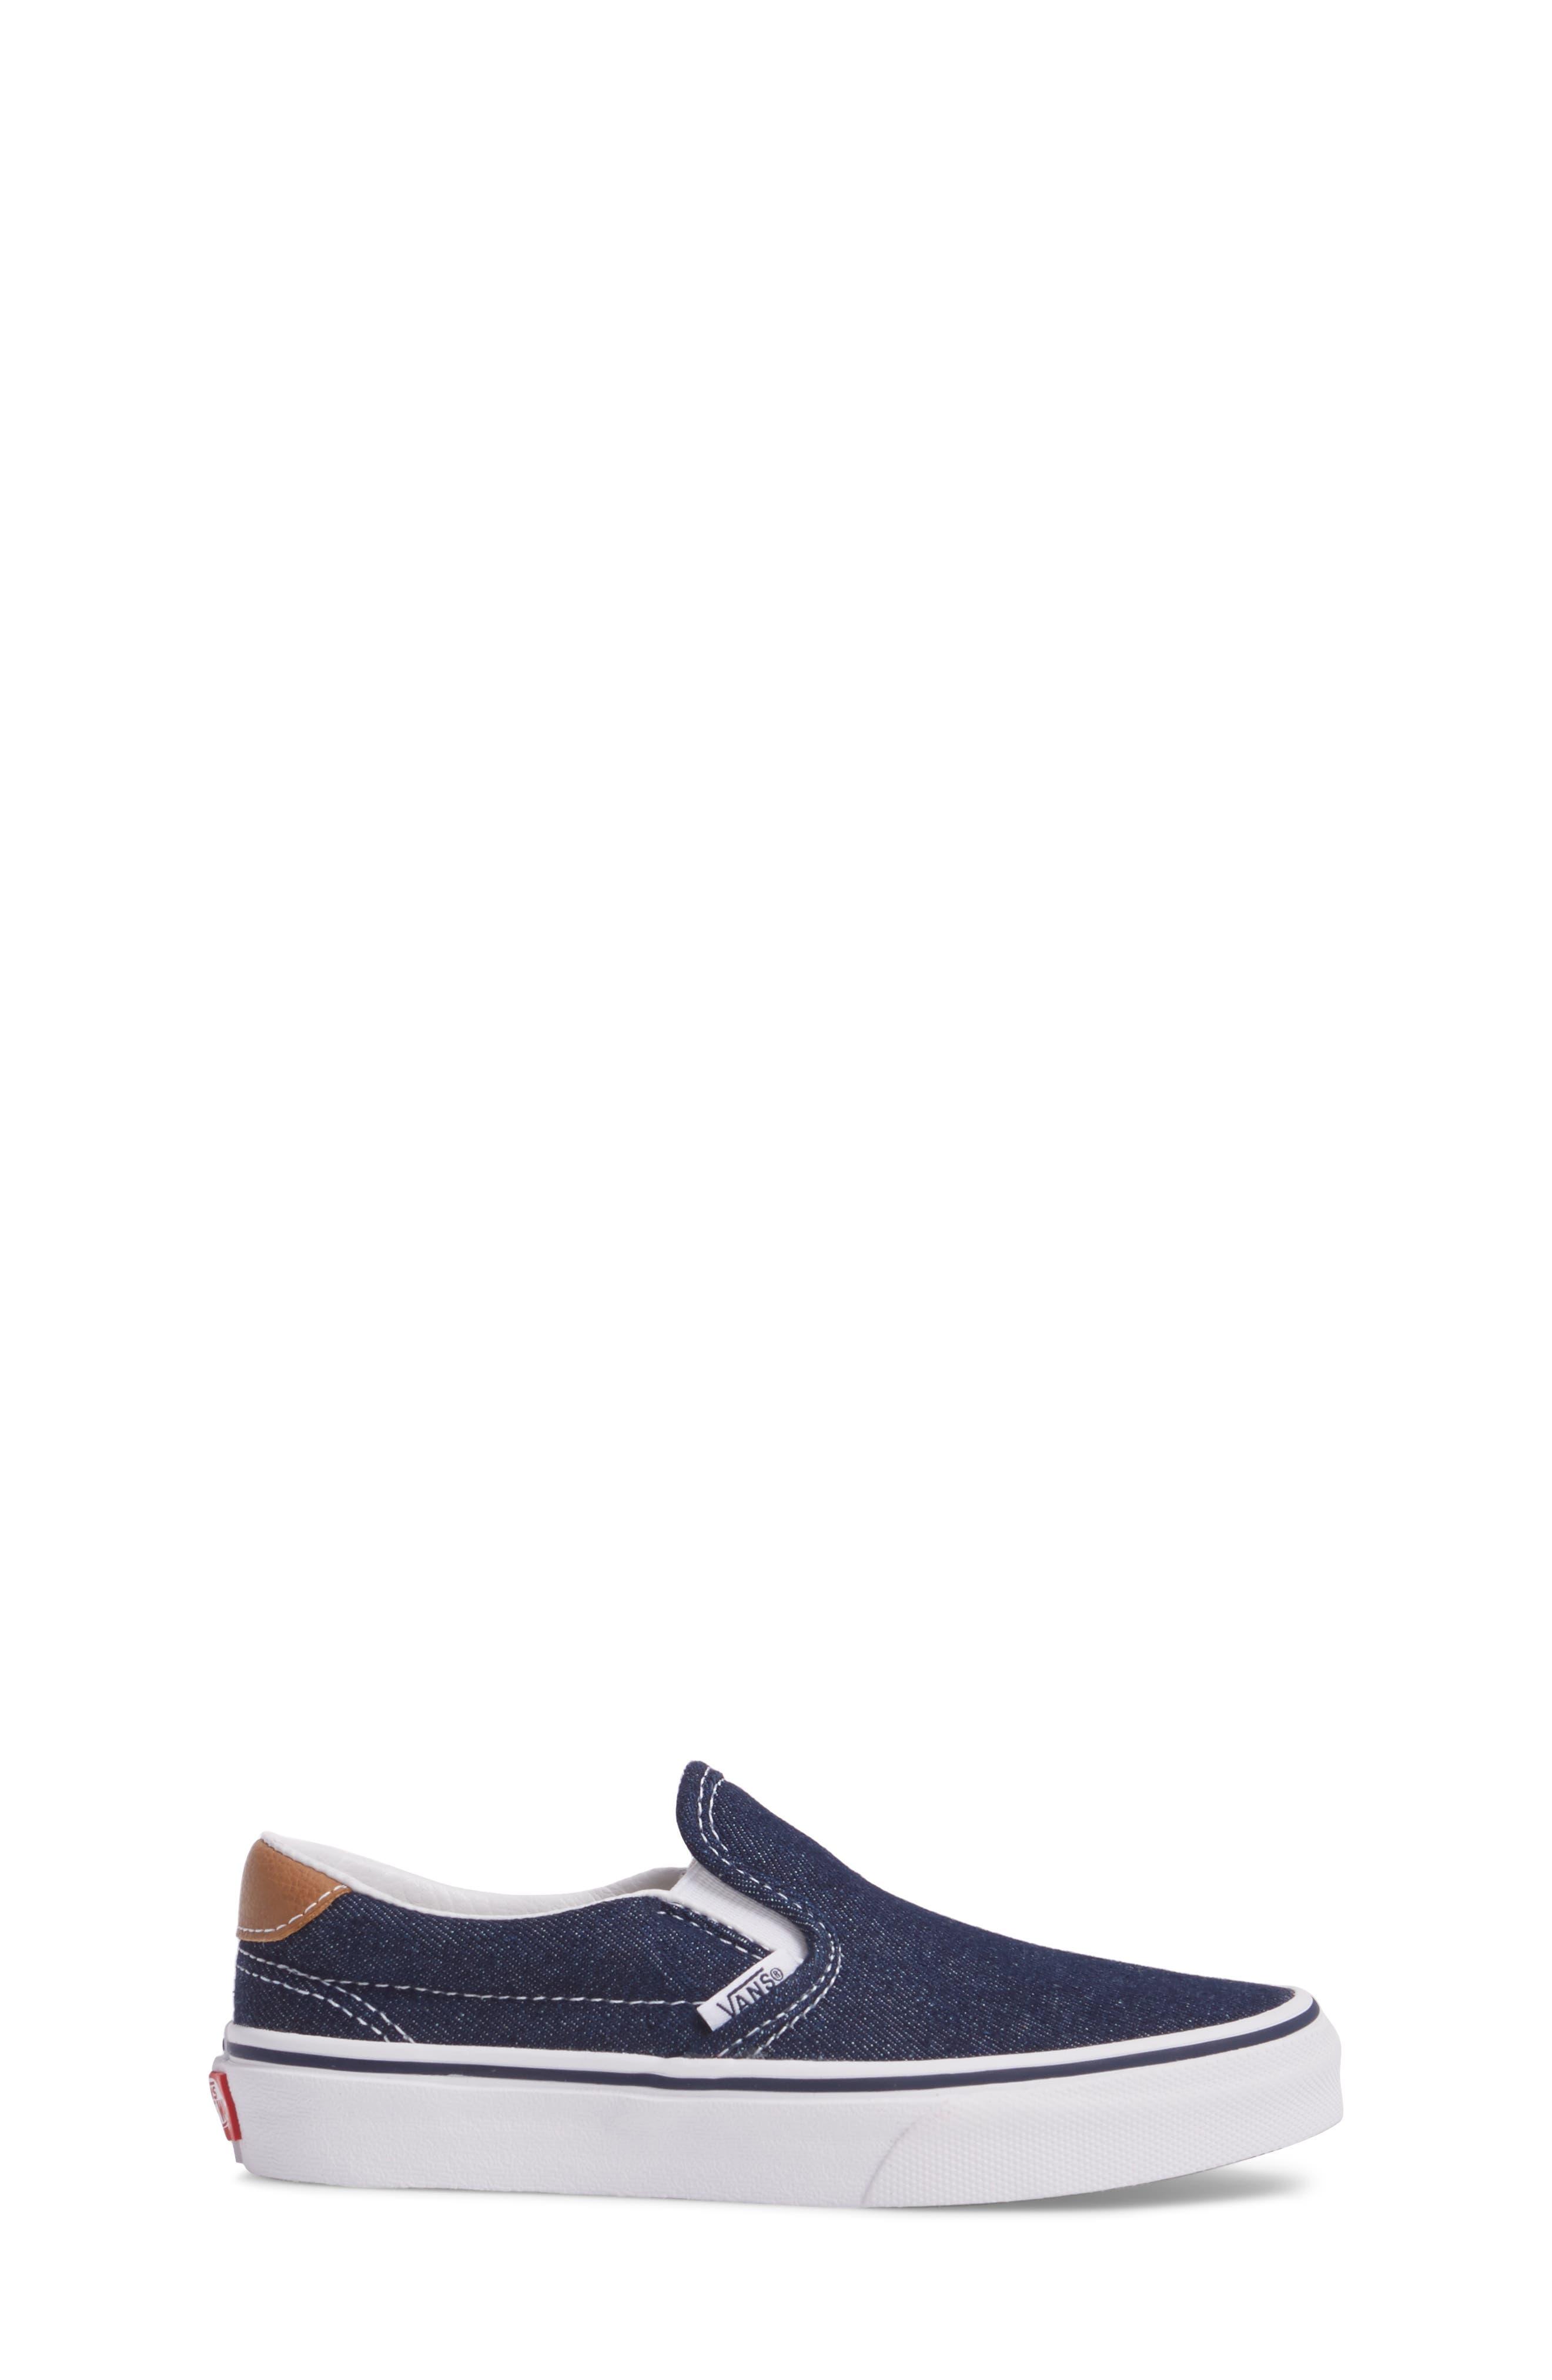 Denim C&L Slip-On 59 Sneaker,                             Alternate thumbnail 3, color,                             420